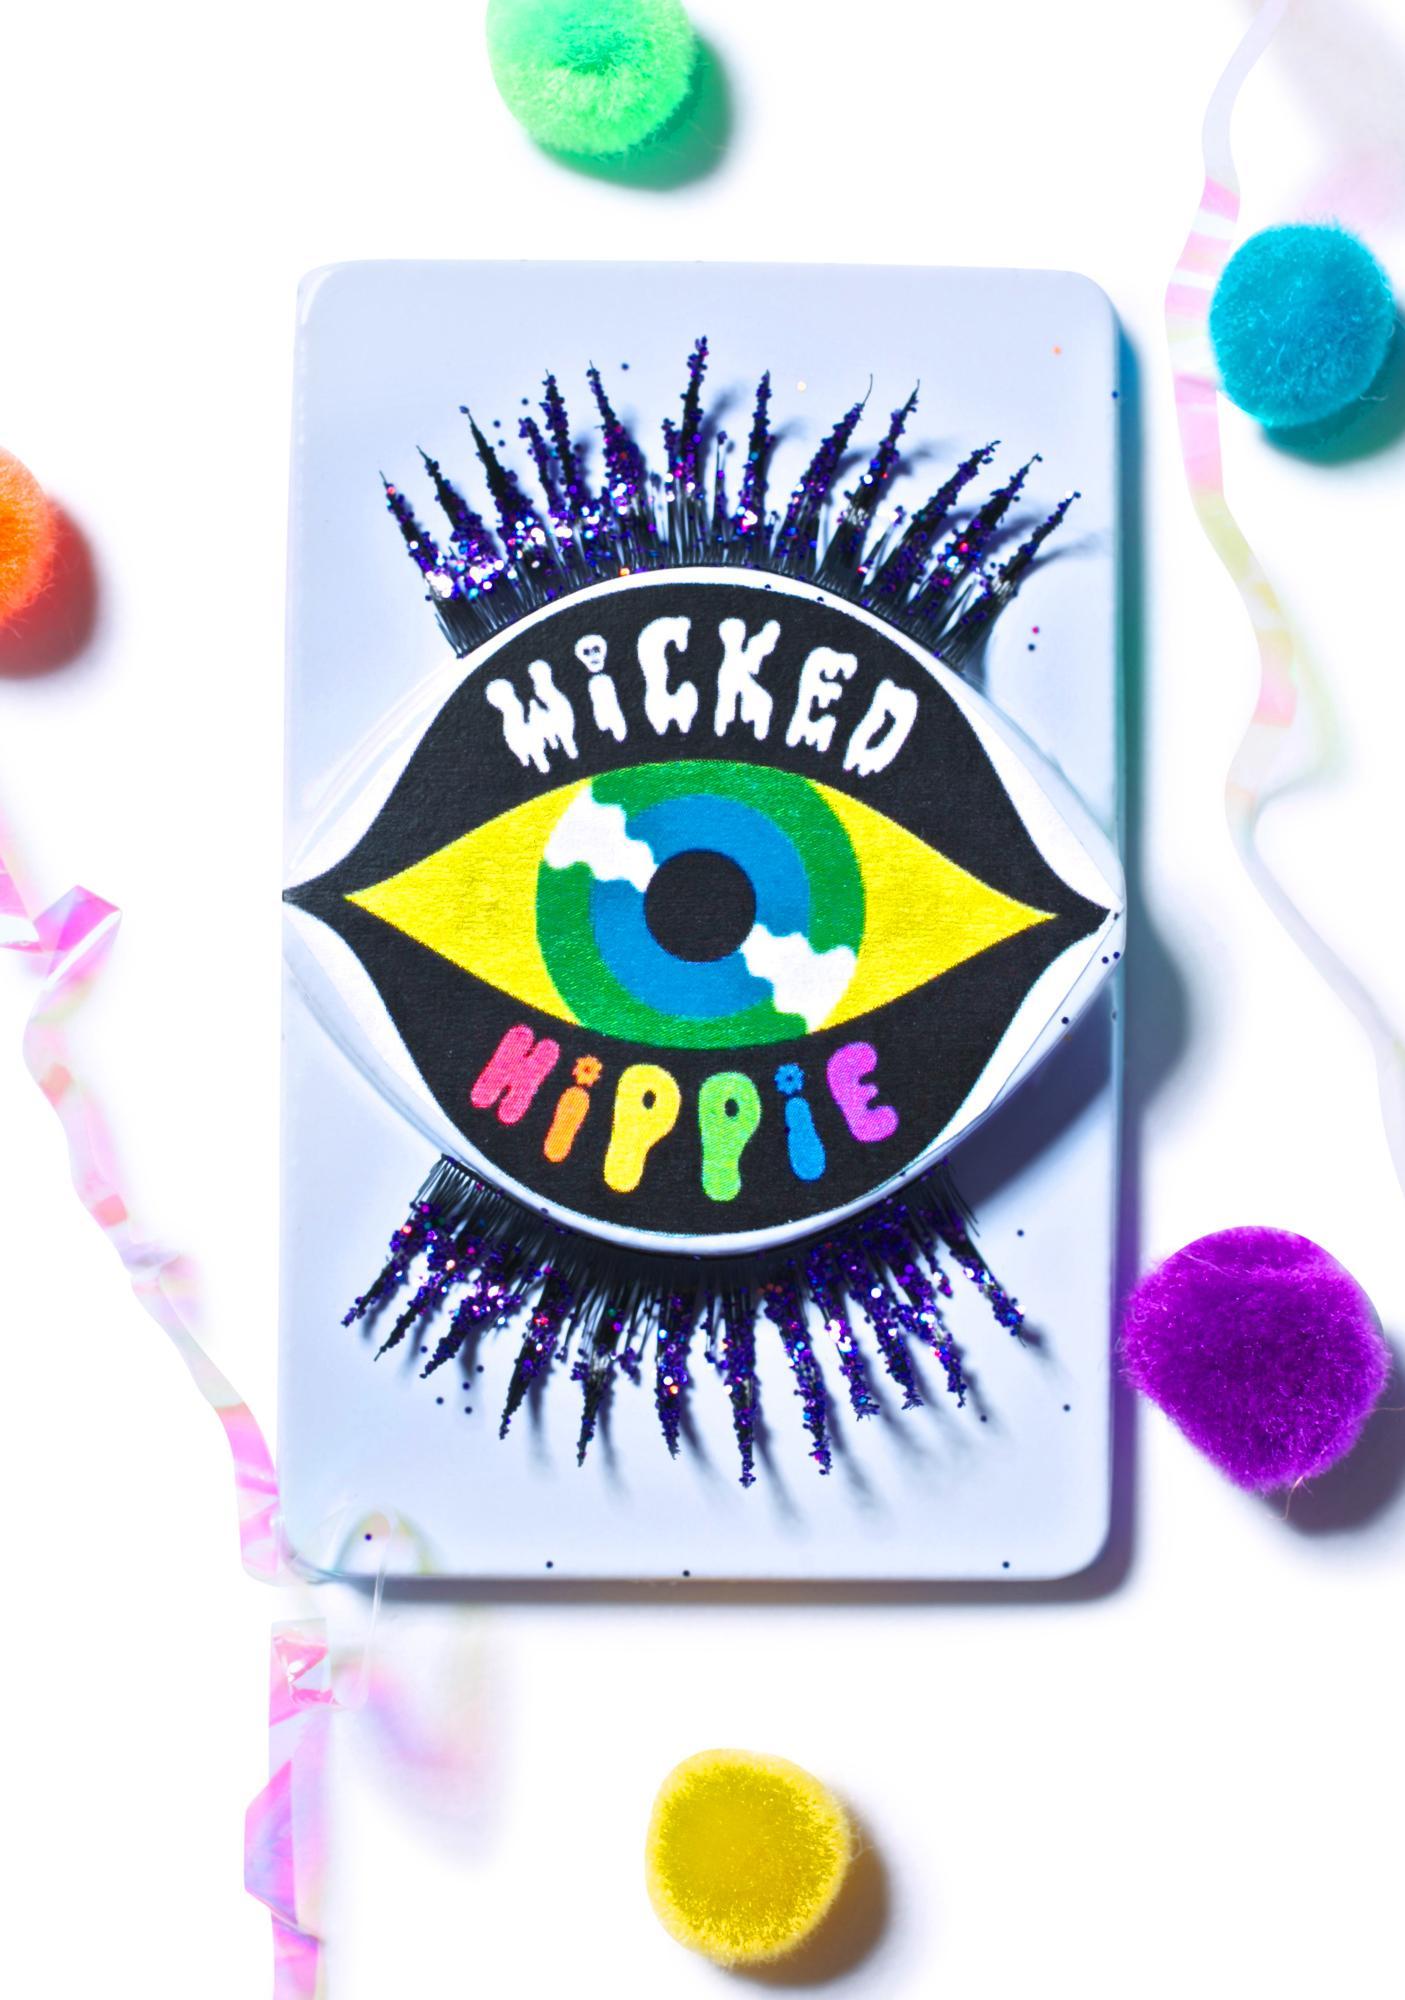 Wicked Hippie Mercy Glitter Death Lashes